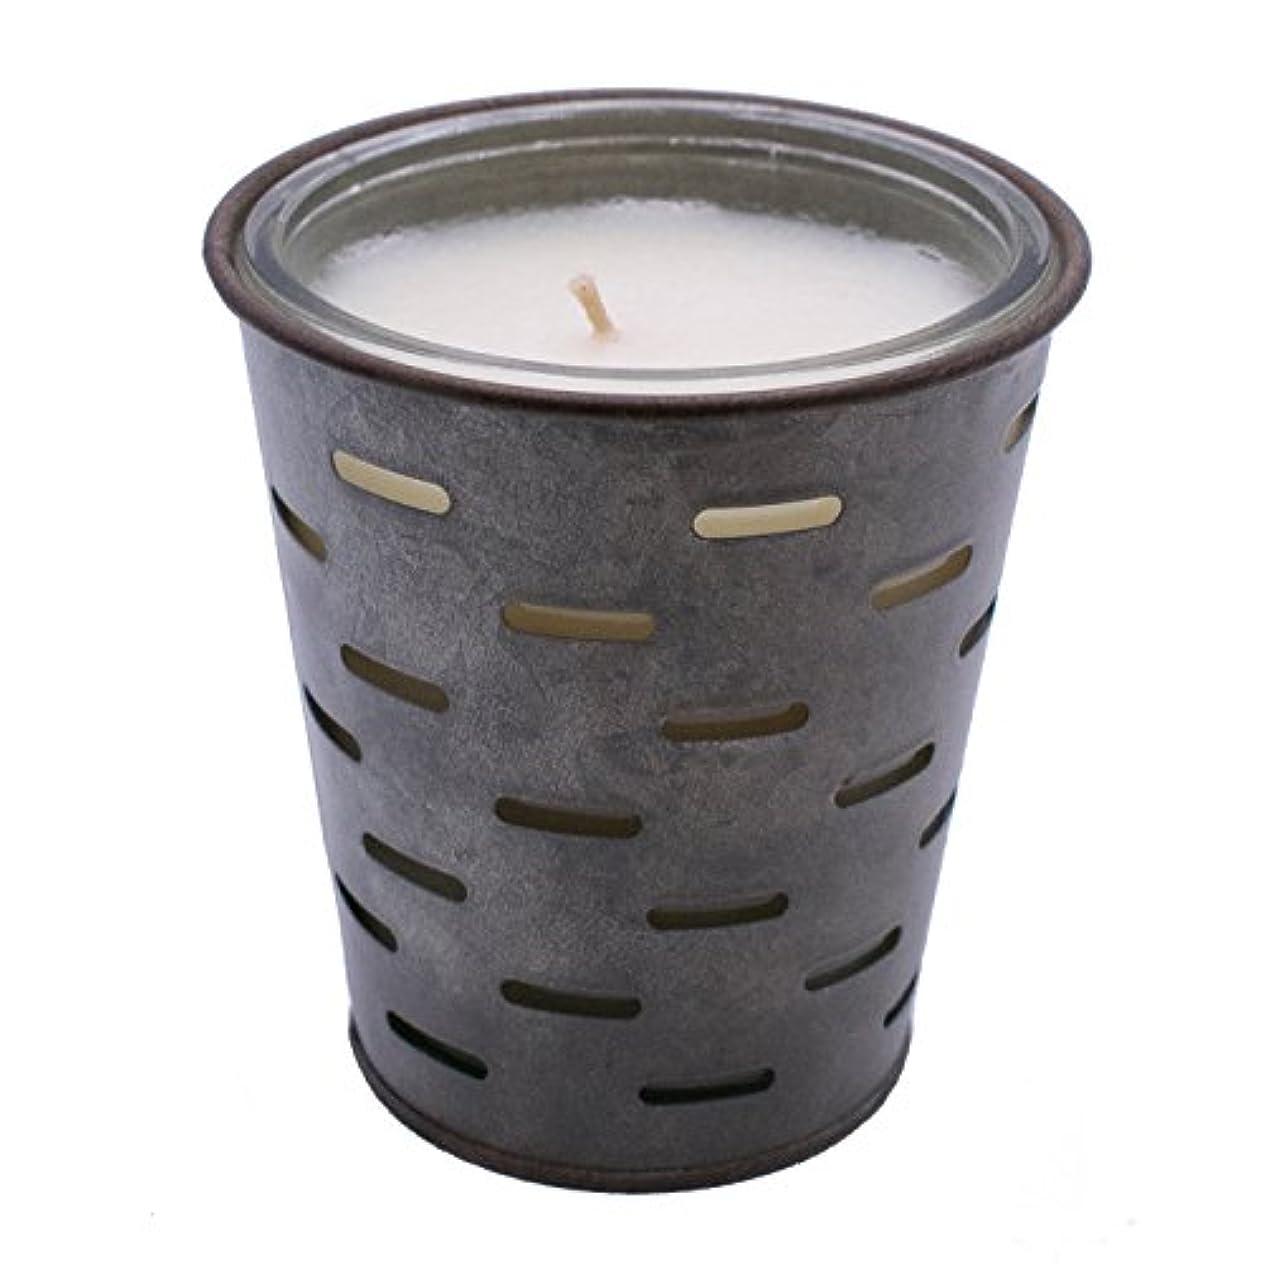 メロン服を片付ける破滅的なSweetオリーブ、オリーブバケットFragrance Candle優れ、香り、ガラスJar in Tin Pot亜鉛メッキ、13oz